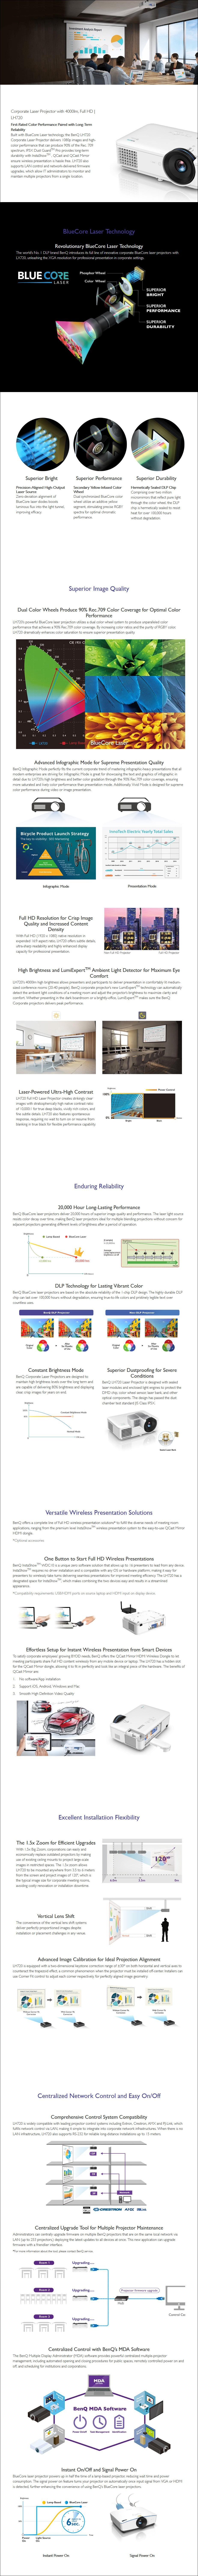 BenQ LH720 Full HD Ultra Short Throw Laser Corporate Laser Projector - Desktop Overview 1